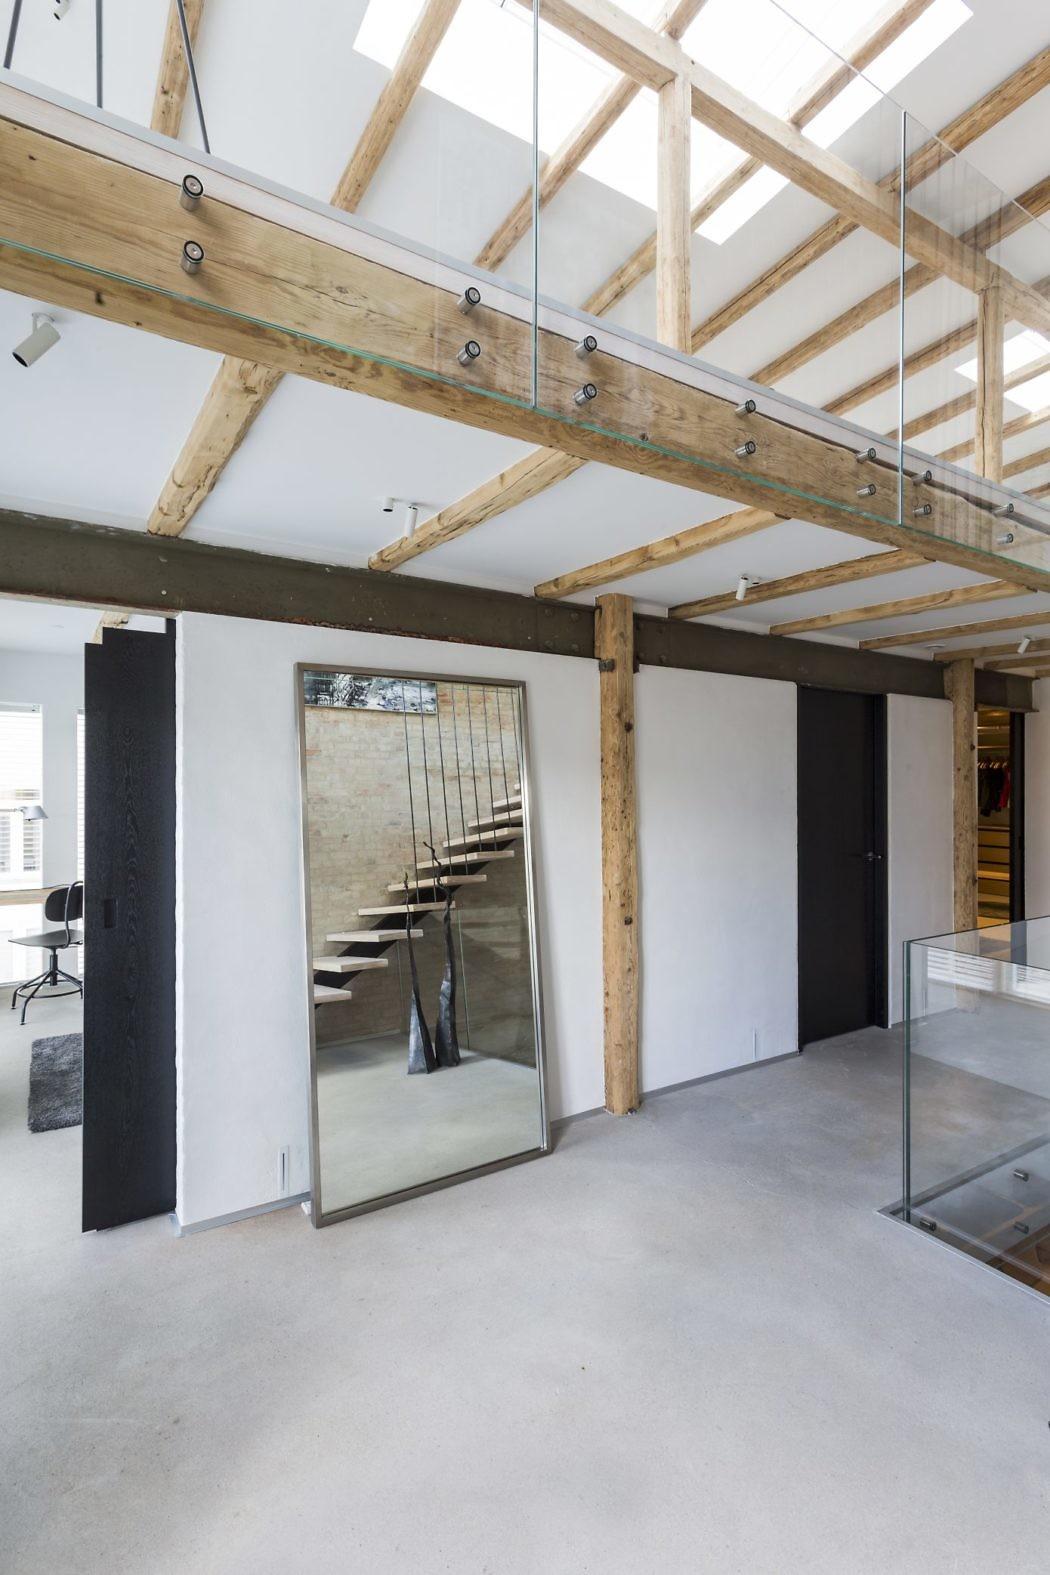 Poslovni prostor preuređen u obiteljsku kuću